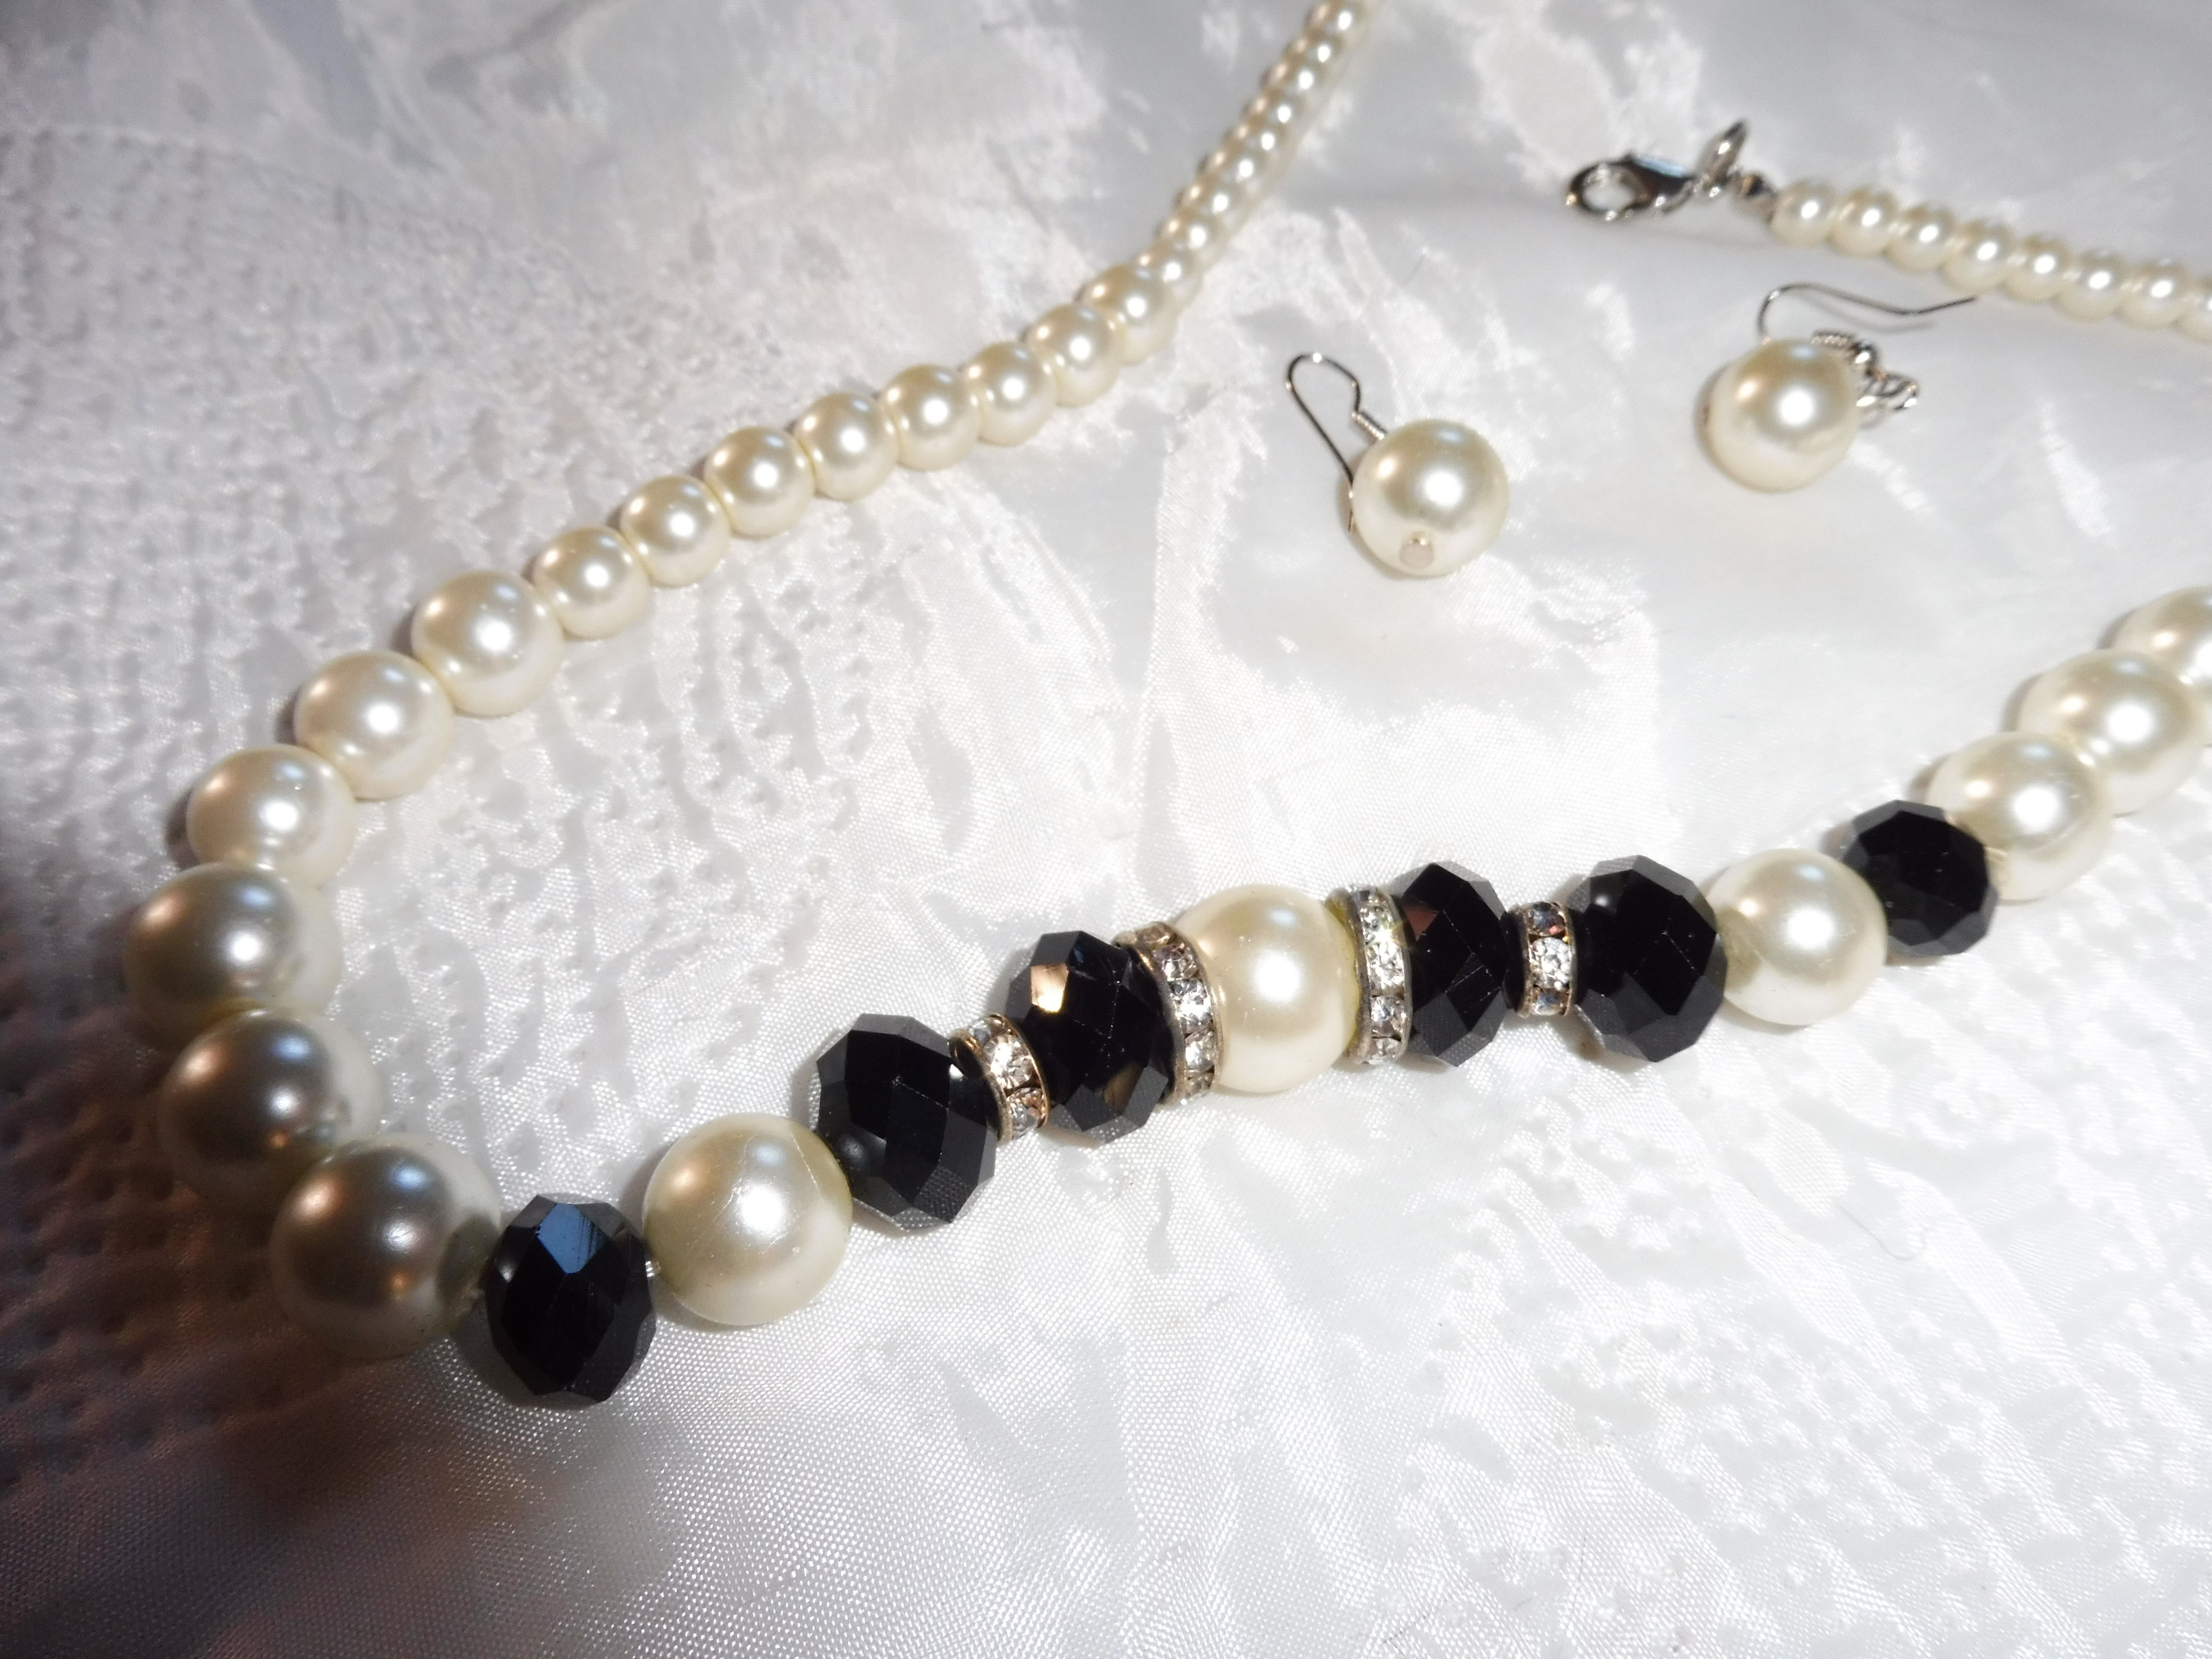 parure de perles noires et blanches, neuve  45 Châtenay-Malabry (92)